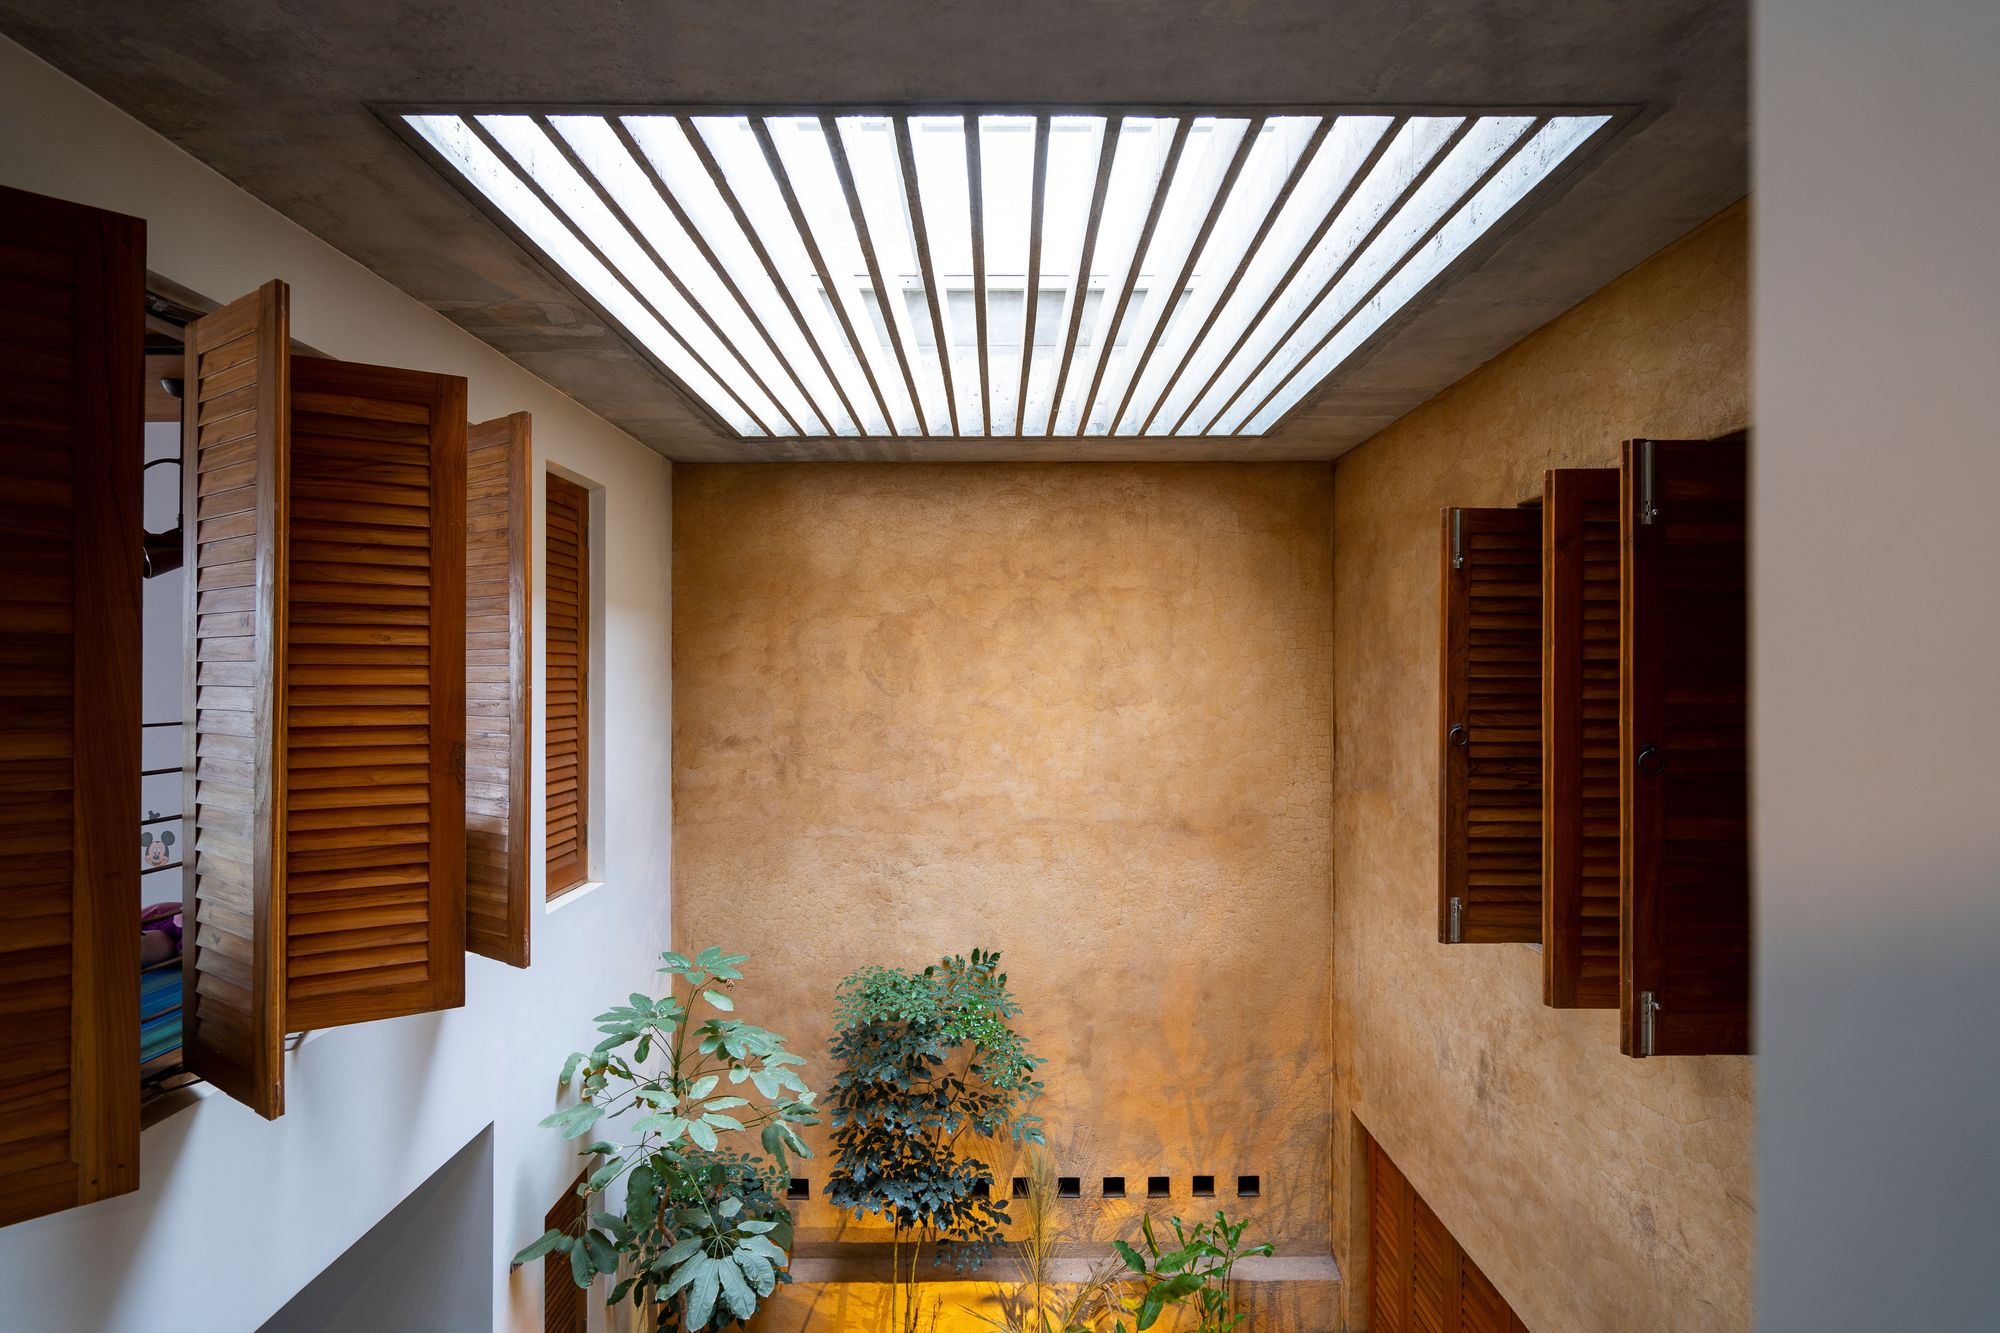 Galeria De Residencia Arranjo De Tijolos Greyscale Design Studio 7